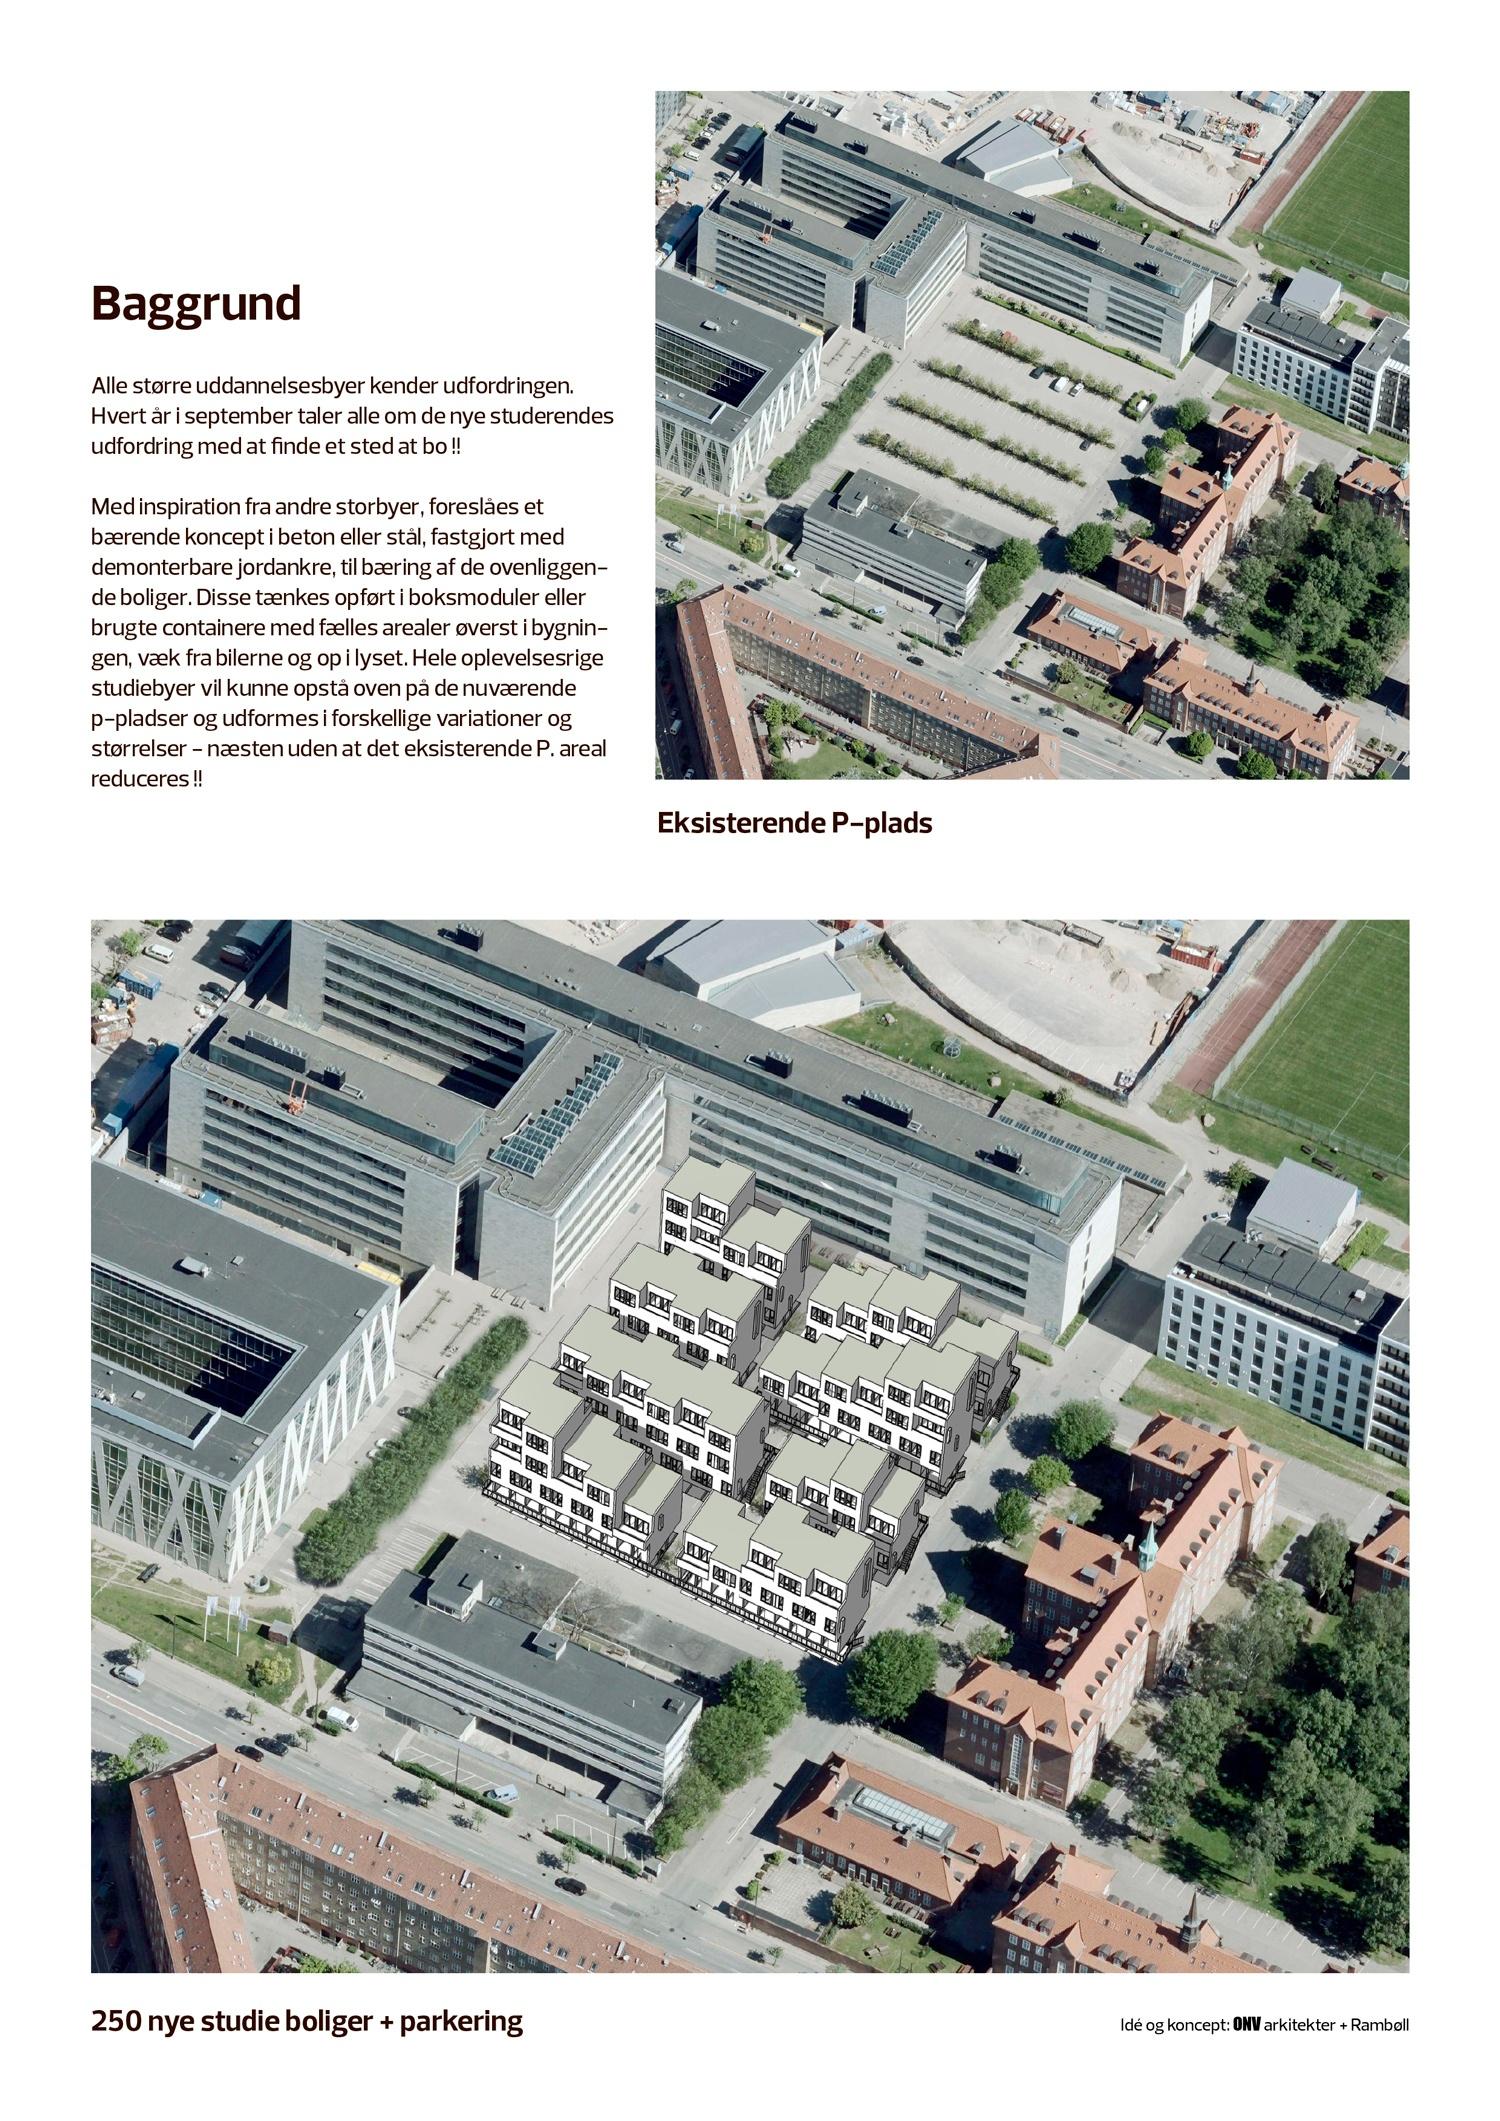 Park.-Village-ONV-arkitekter-ungdomsboliger-over-p-pladser-præfab-boliger-prefab-architecture-02